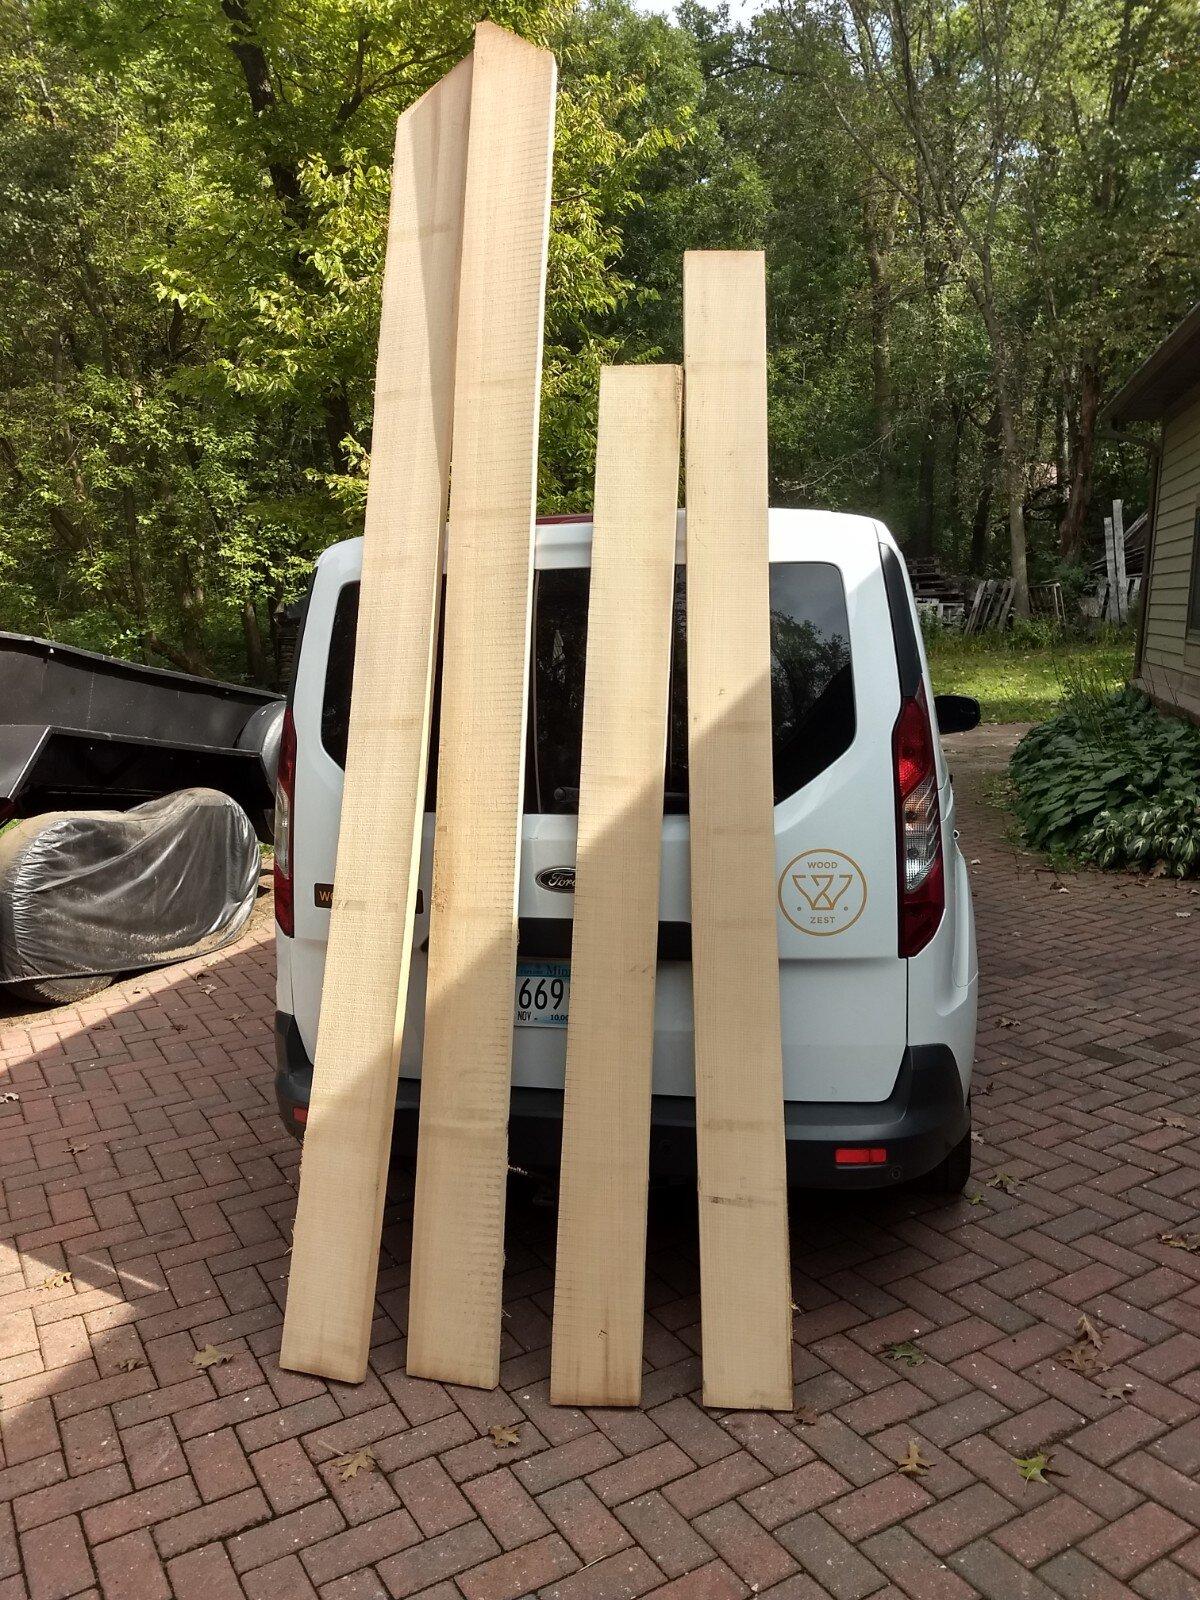 Boards for the door